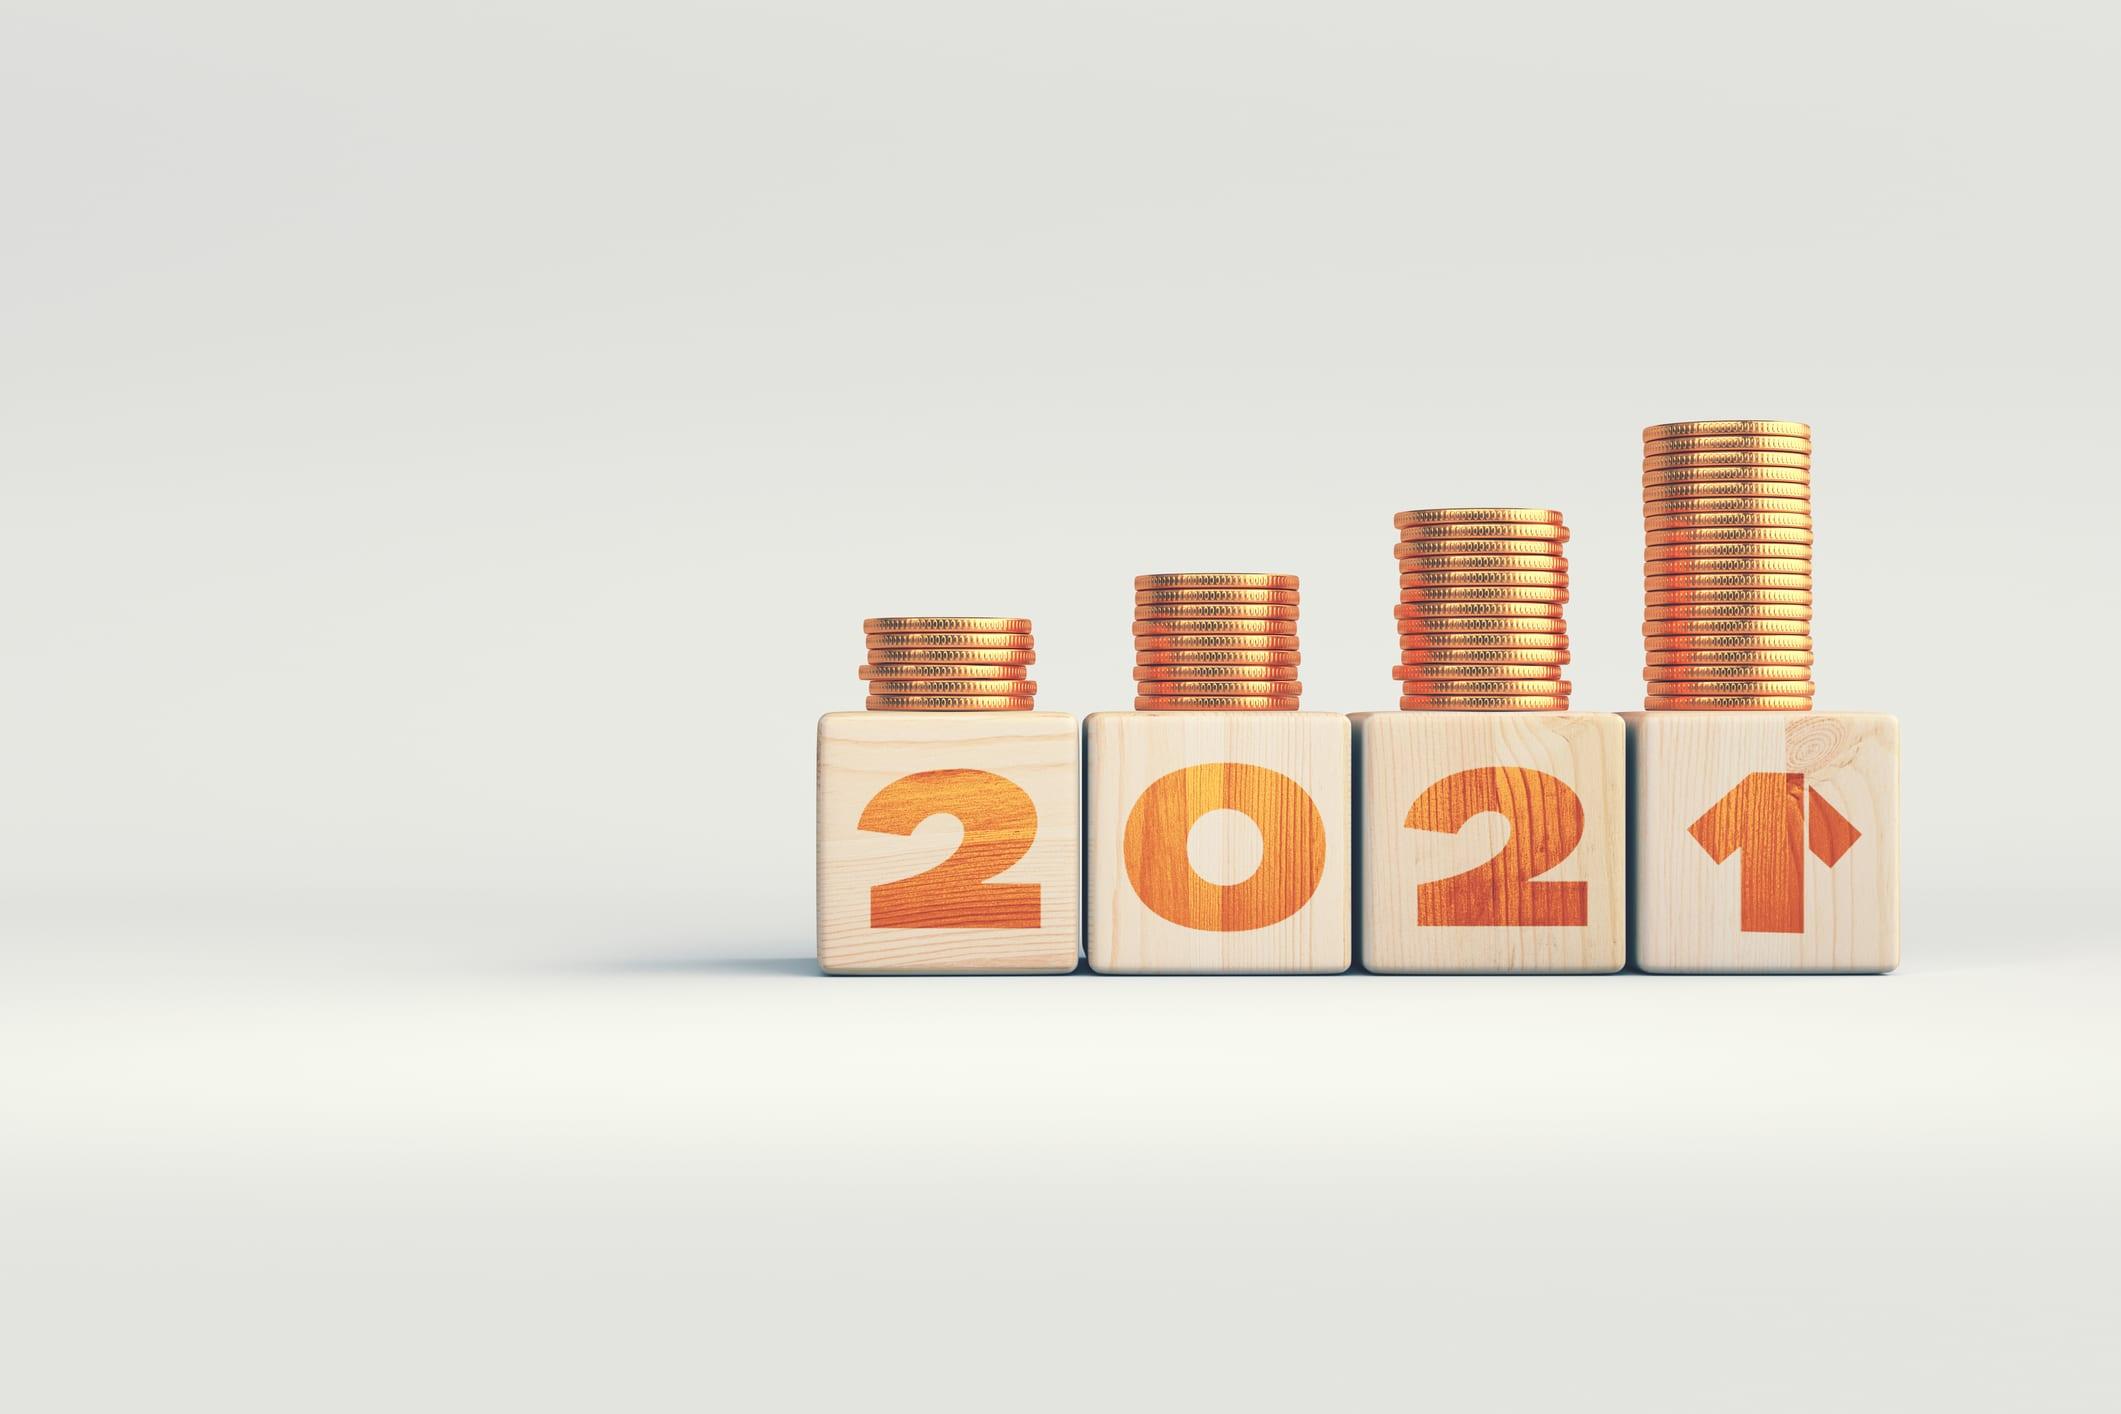 LFSS pour 2021 : l'essentiel des dispositions dans le domaine de l'assurance maladie et des produits de santé